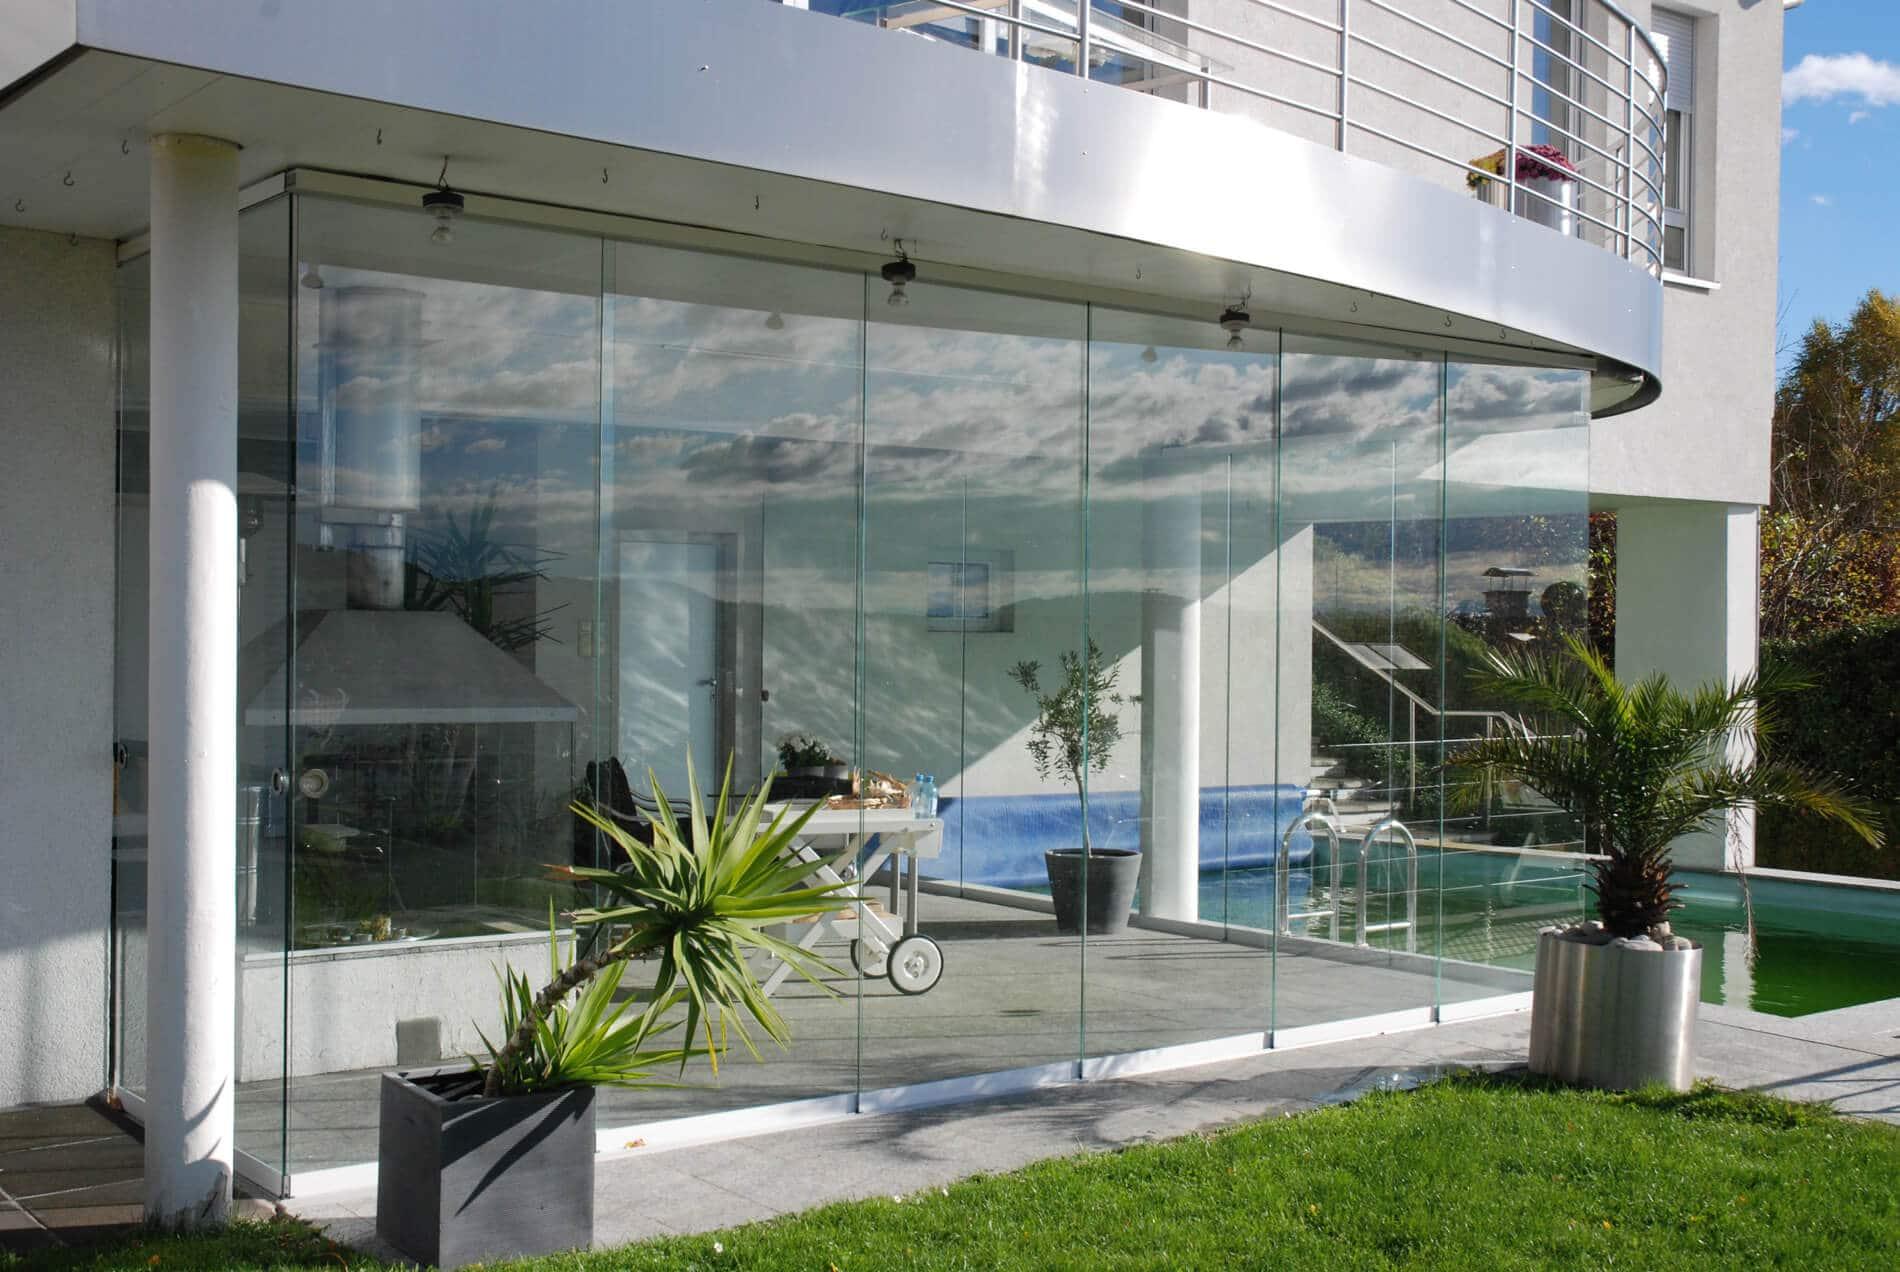 Pool Haus modern mit Glas